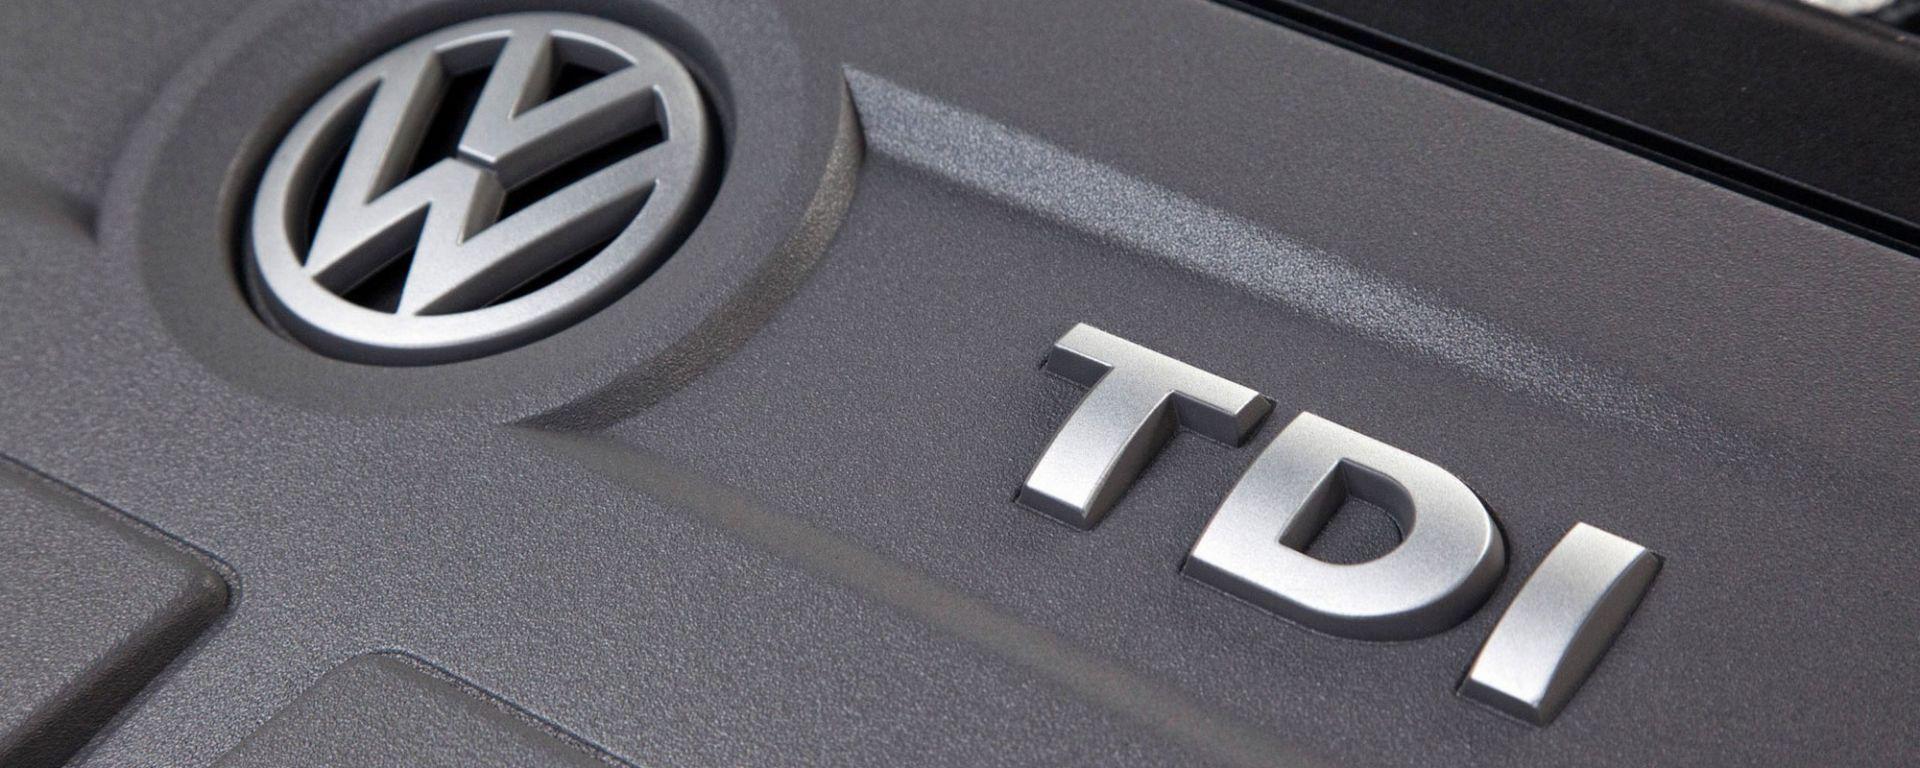 Volkswagen, la promessa del buy-back contro eventuali stop ai turbodiesel